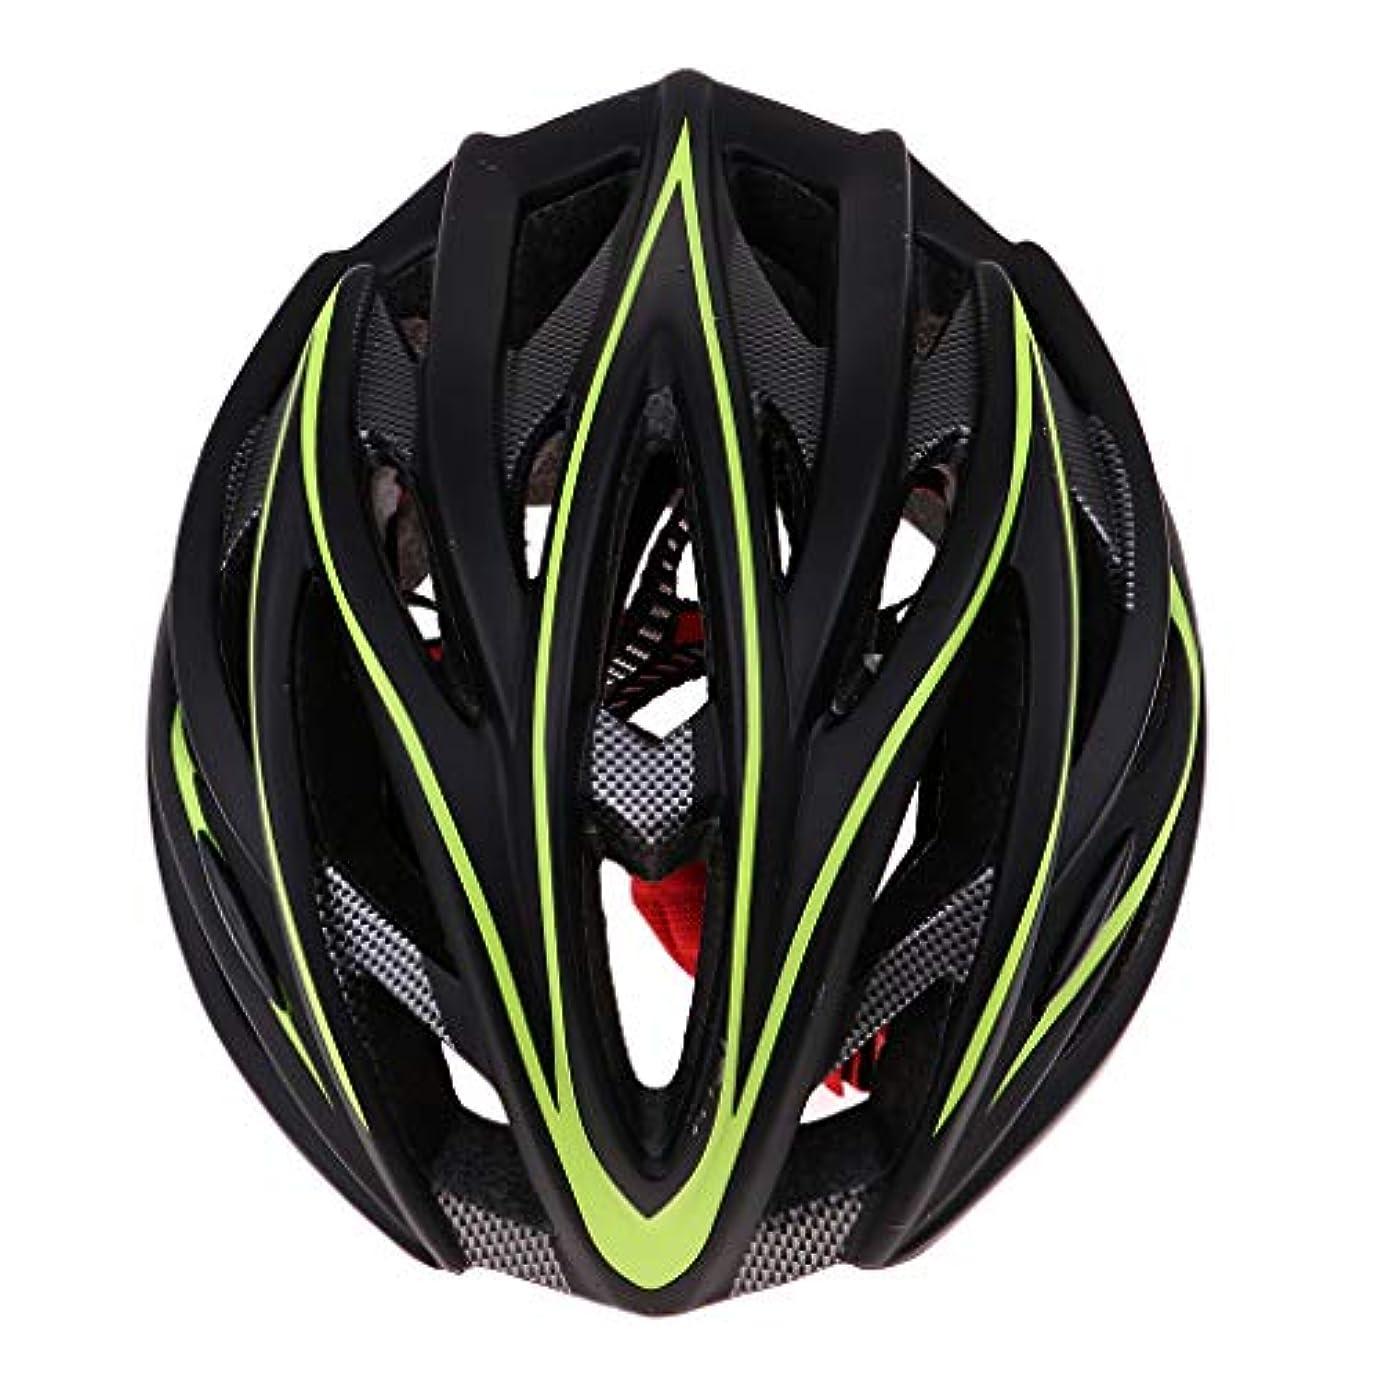 ぼろ似ている消すD DOLITY 自転車 スポーツヘルメット スケートボート 山登り 保護用ヘルメット サイズ調整可能 大人